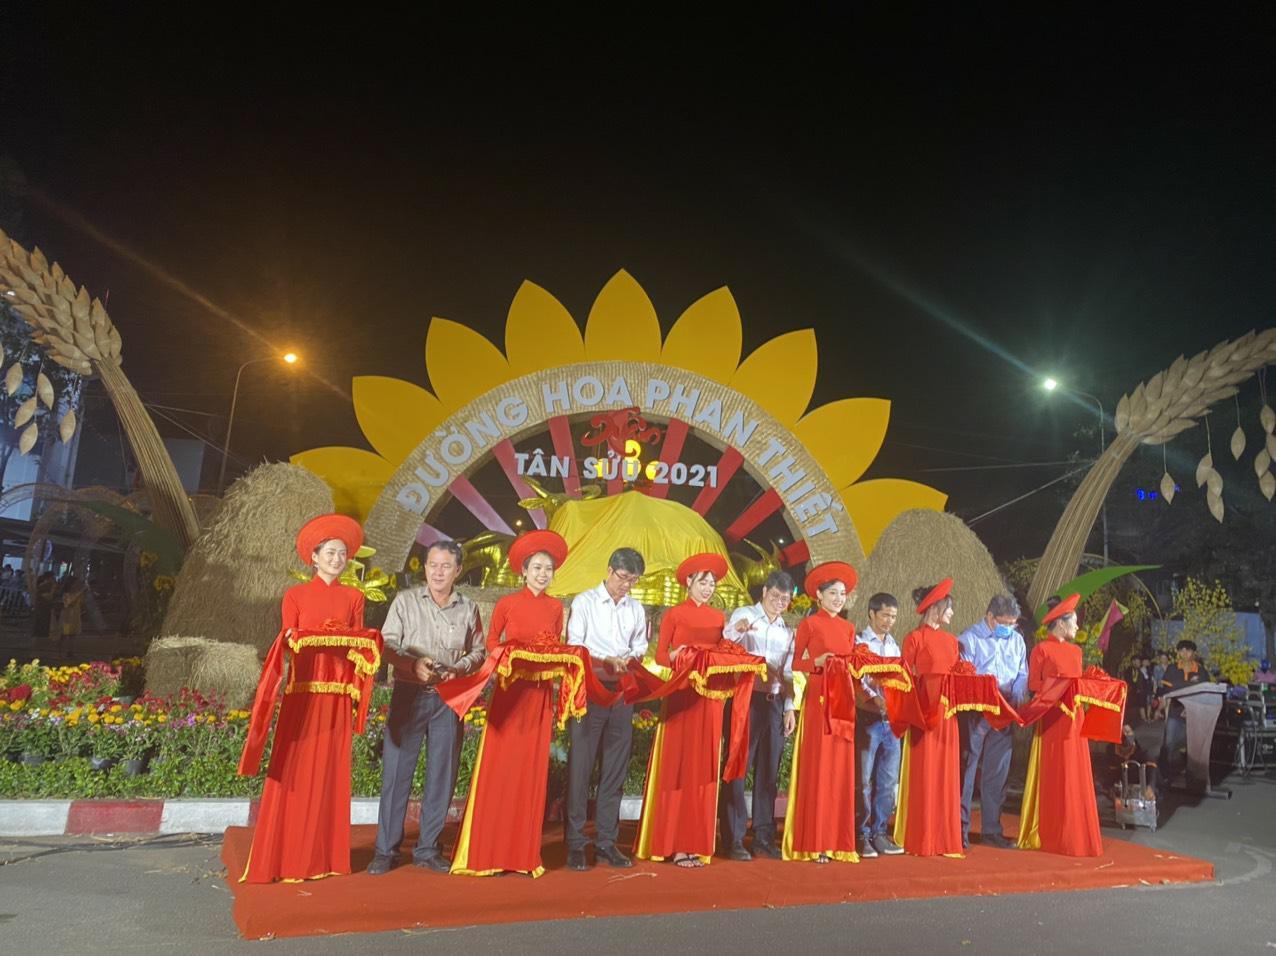 Nova Group tài trợ đường hoa tại TP HCM, Phan Thiết và Biên Hòa - Ảnh 3.